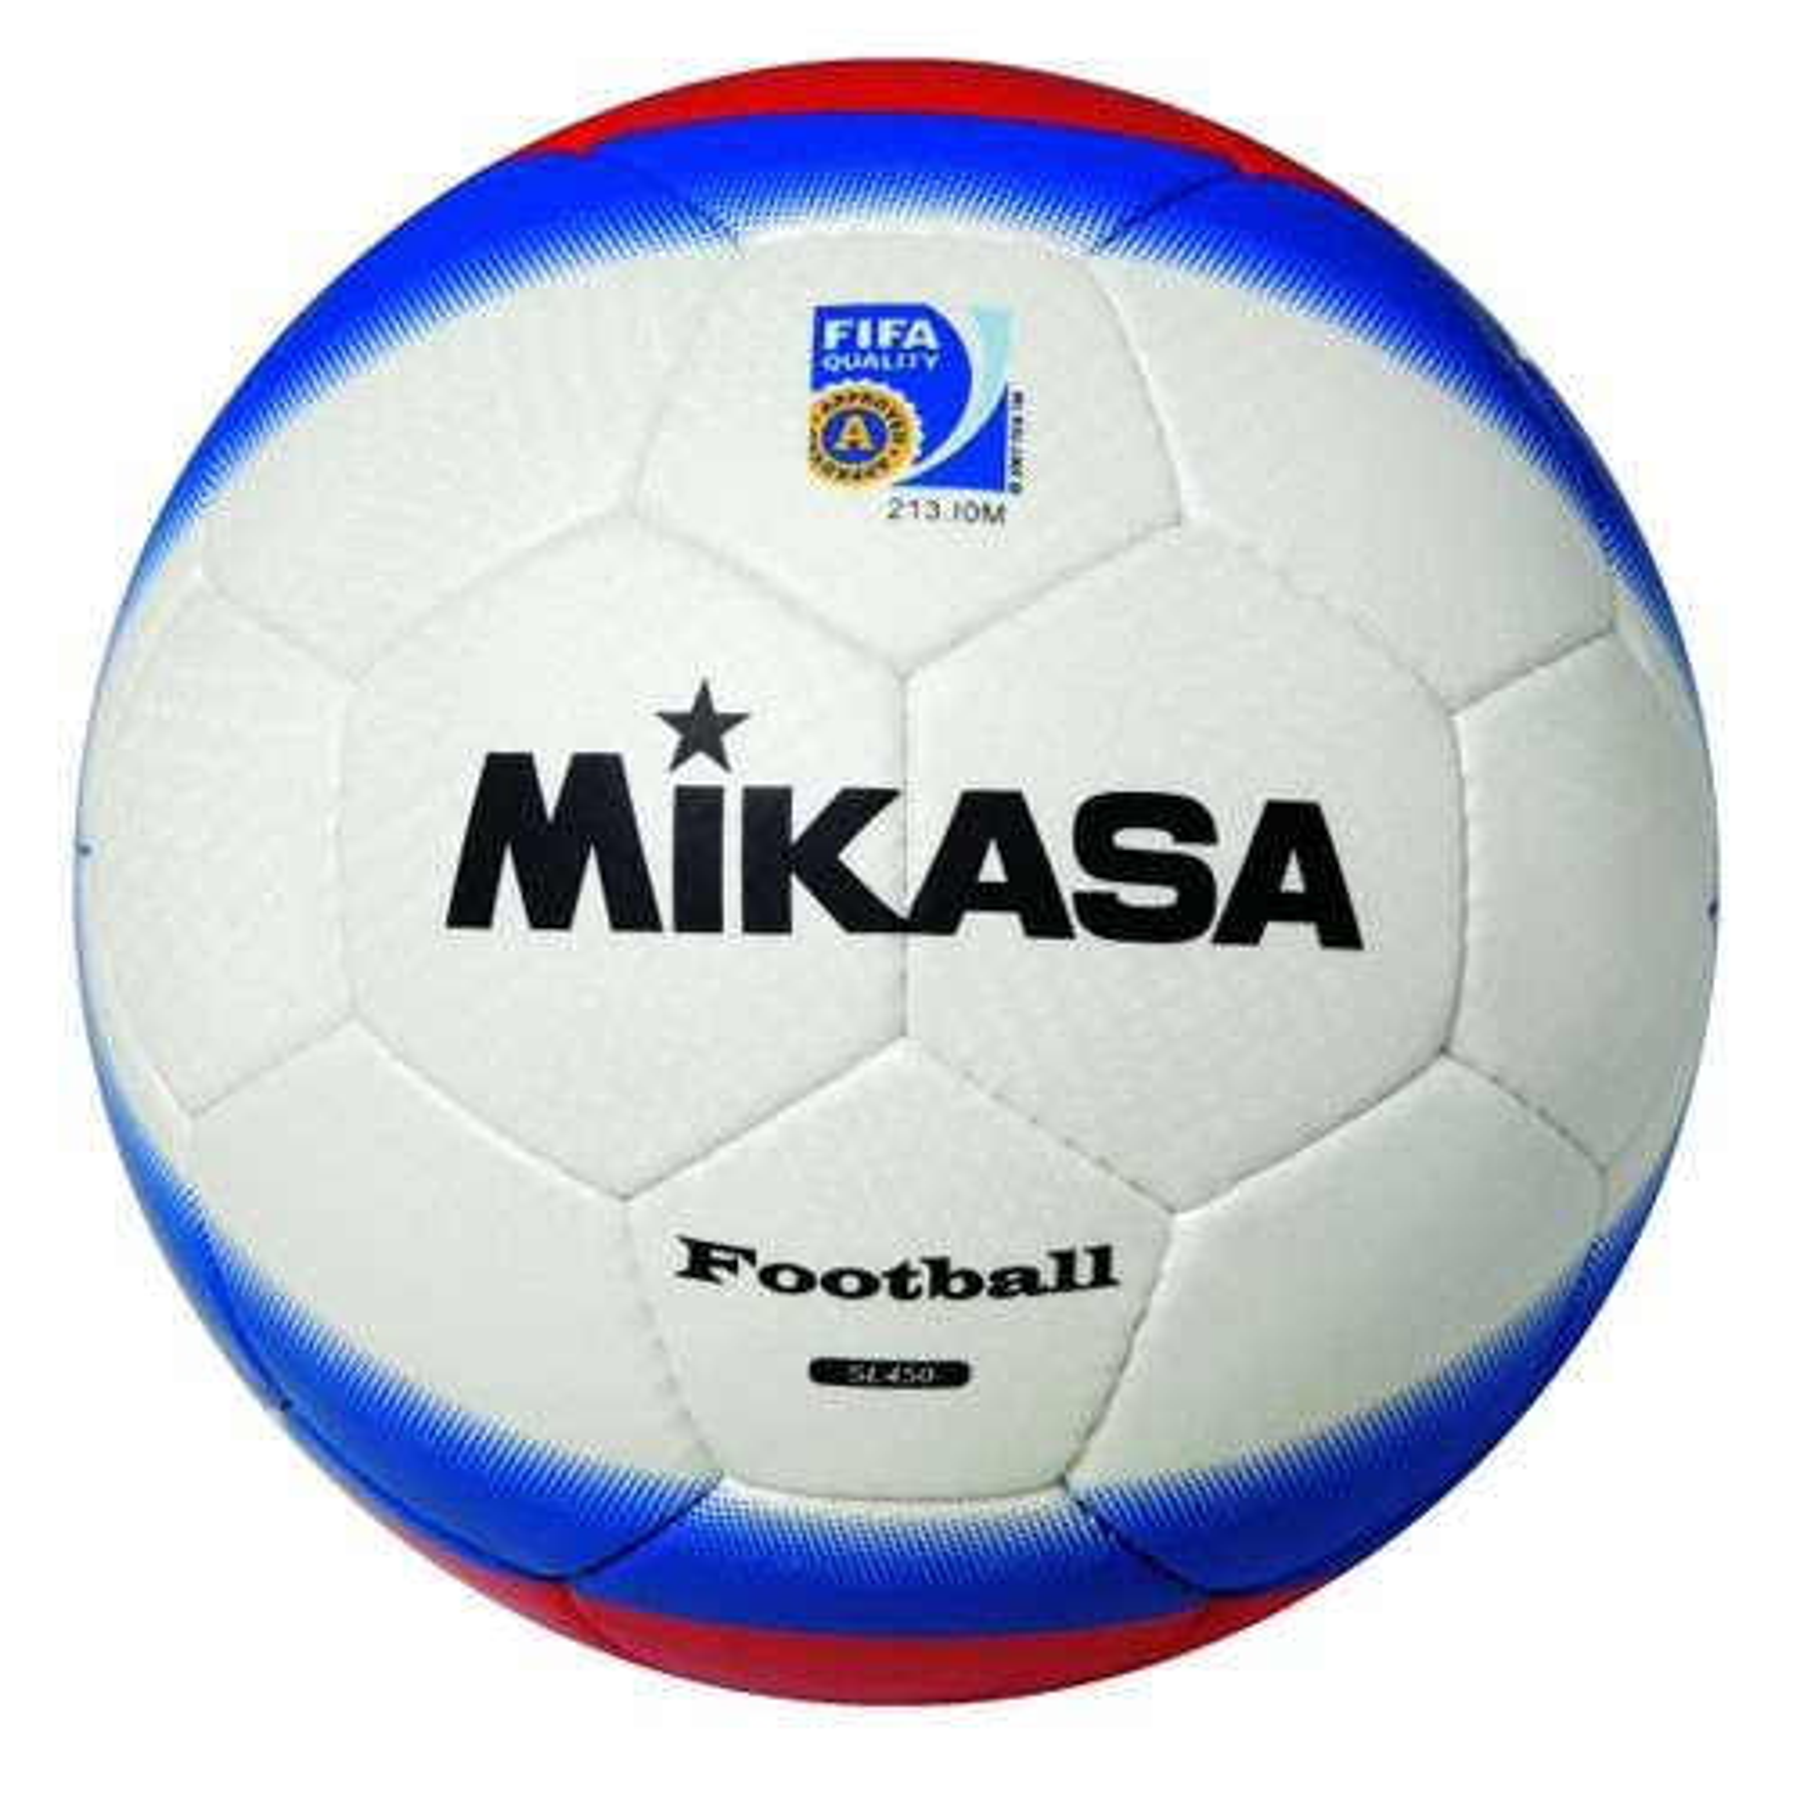 Мяч ф/б Микаса SL 450-WBR №5 синт.кожа шитый бело-крас-синий